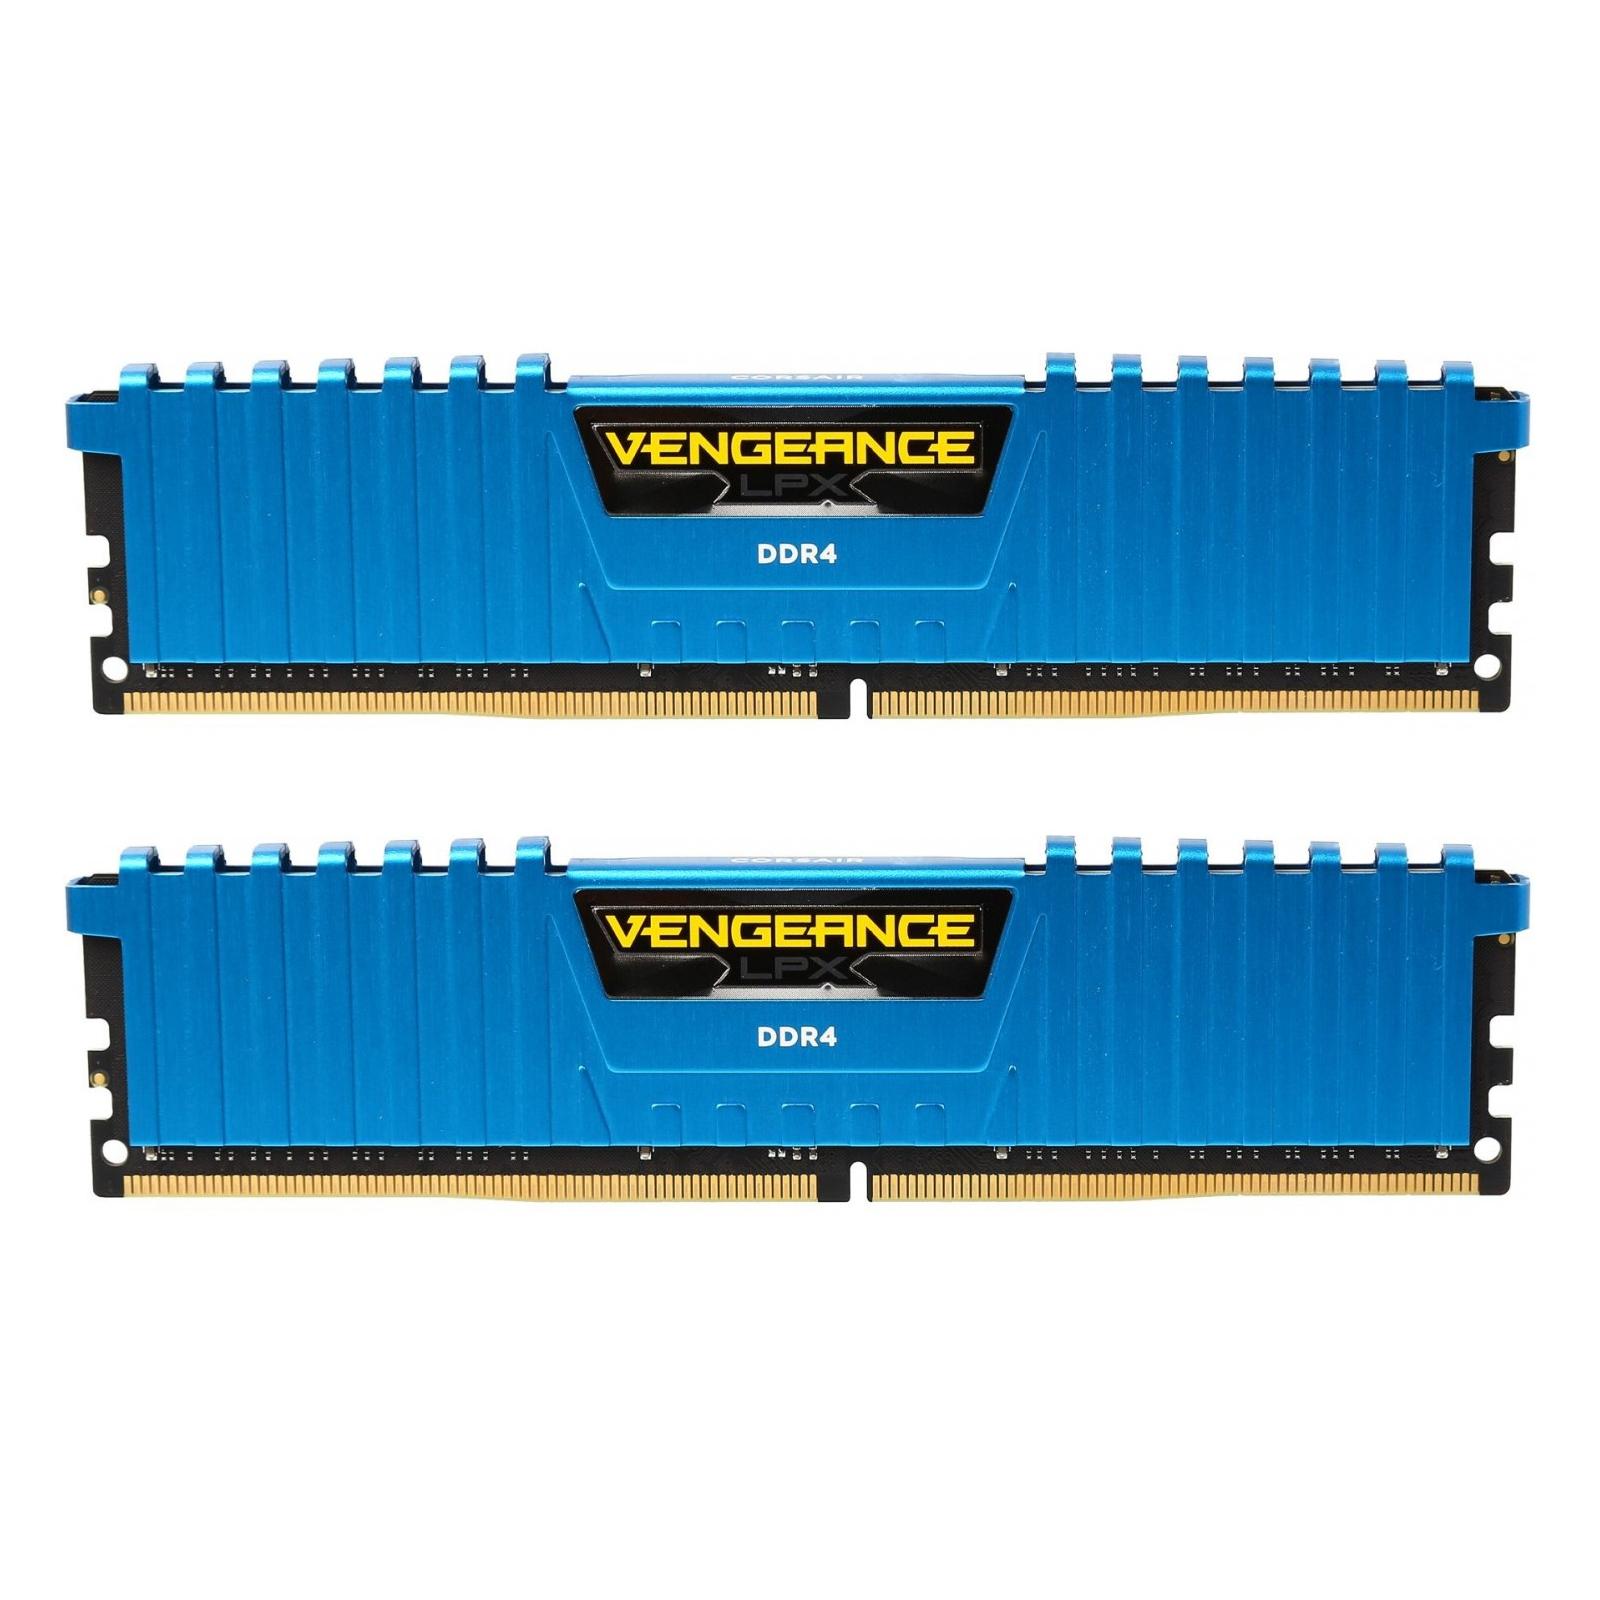 Модуль памяти для компьютера DDR4 16GB (2x8GB) 3000 MHz Vengeance LPX Blue Corsair (CMK16GX4M2B3000C15B)